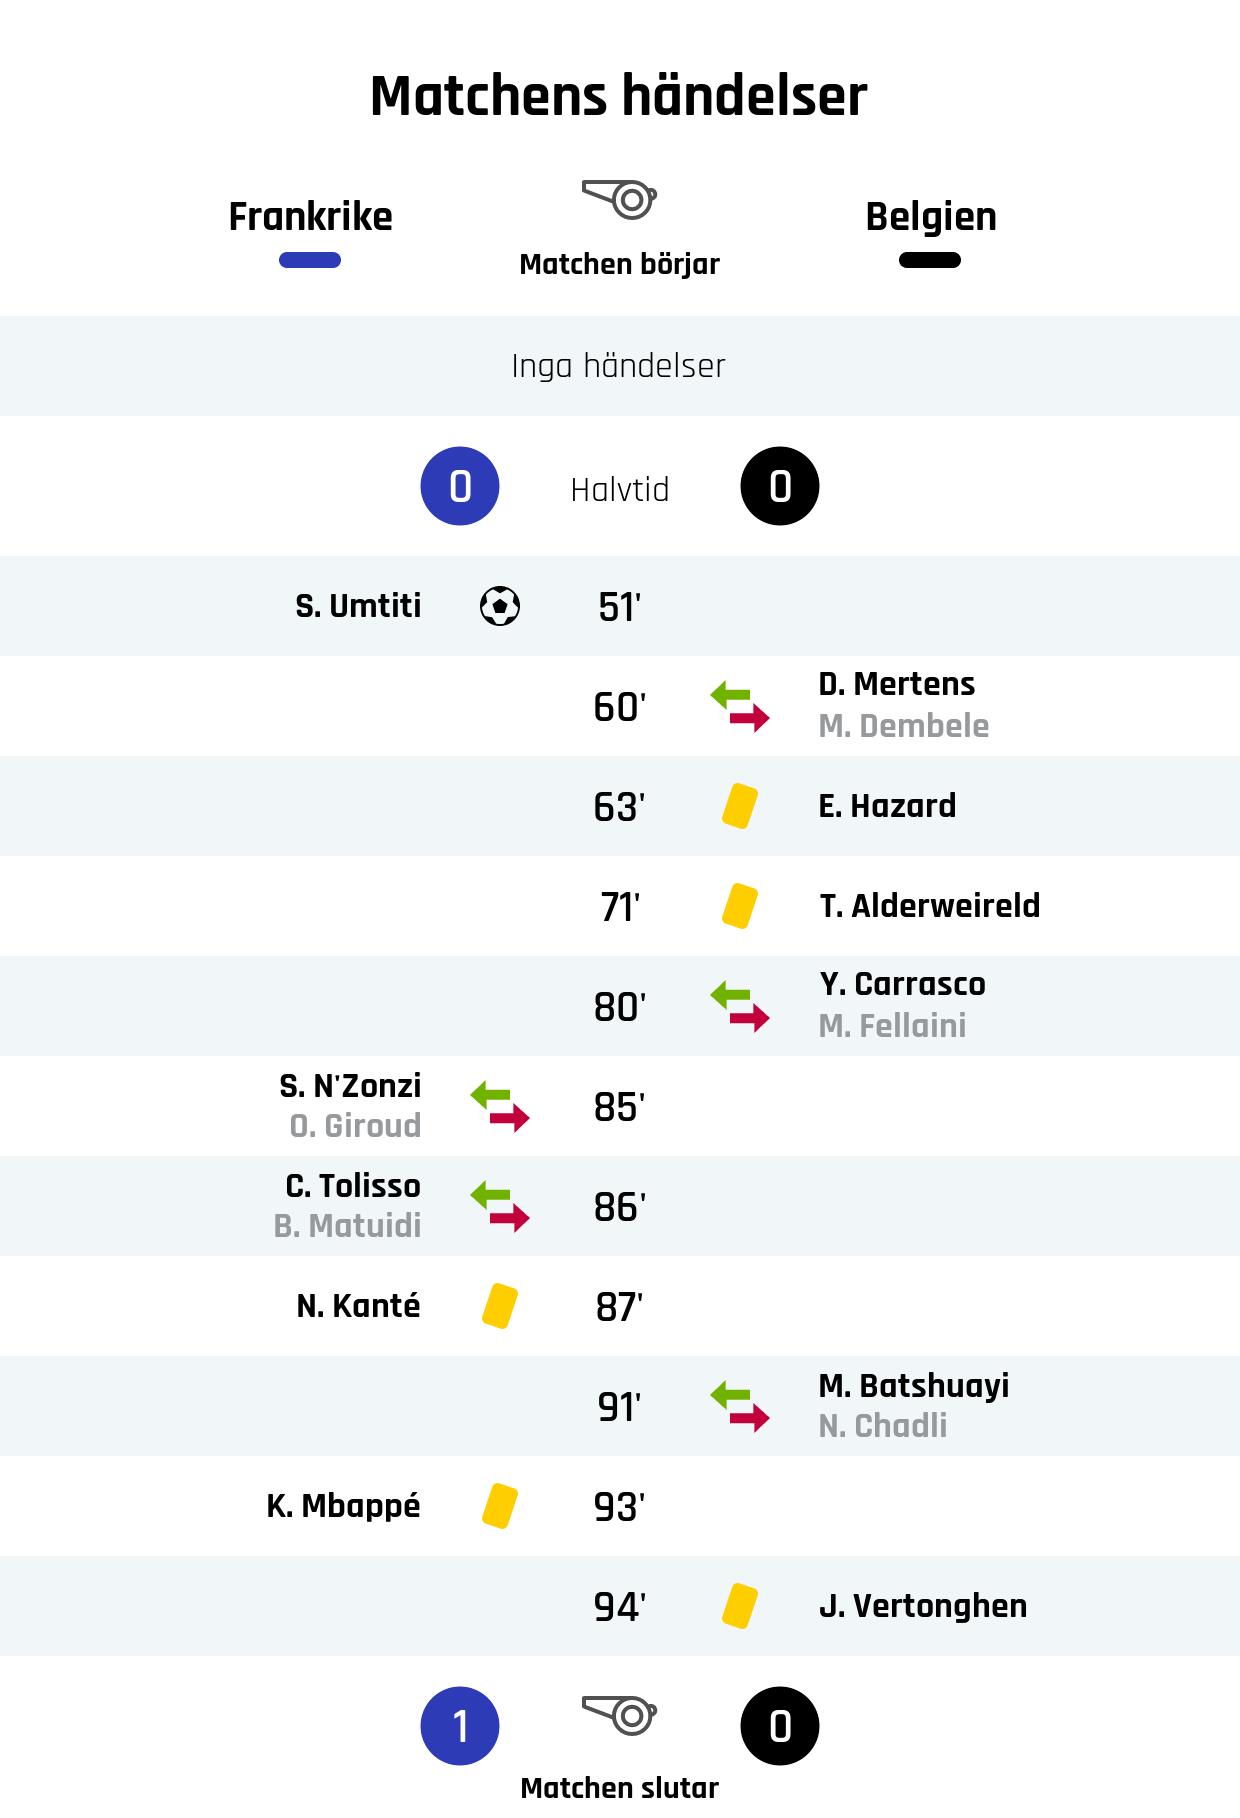 Resultat i halvtid: Frankrike 0, Belgien 0<br /> 51' Mål Frankrike: S. Umtiti<br /> 60' Belgiens byte: D. Mertens in, M. Dembele ut<br /> 63' Gult kort: E. Hazard, Belgien<br /> 71' Gult kort: T. Alderweireld, Belgien<br /> 80' Belgiens byte: Y. Carrasco in, M. Fellaini ut<br /> 85' Frankrikes byte: S. N'Zonzi in, O. Giroud ut<br /> 86' Frankrikes byte: C. Tolisso in, B. Matuidi ut<br /> 87' Gult kort: N. Kanté, Frankrike<br /> 91' Belgiens byte: M. Batshuayi in, N. Chadli ut<br /> 93' Gult kort: K. Mbappé, Frankrike<br /> 94' Gult kort: J. Vertonghen, Belgien<br /> Slutresultat: Frankrike 1, Belgien 0